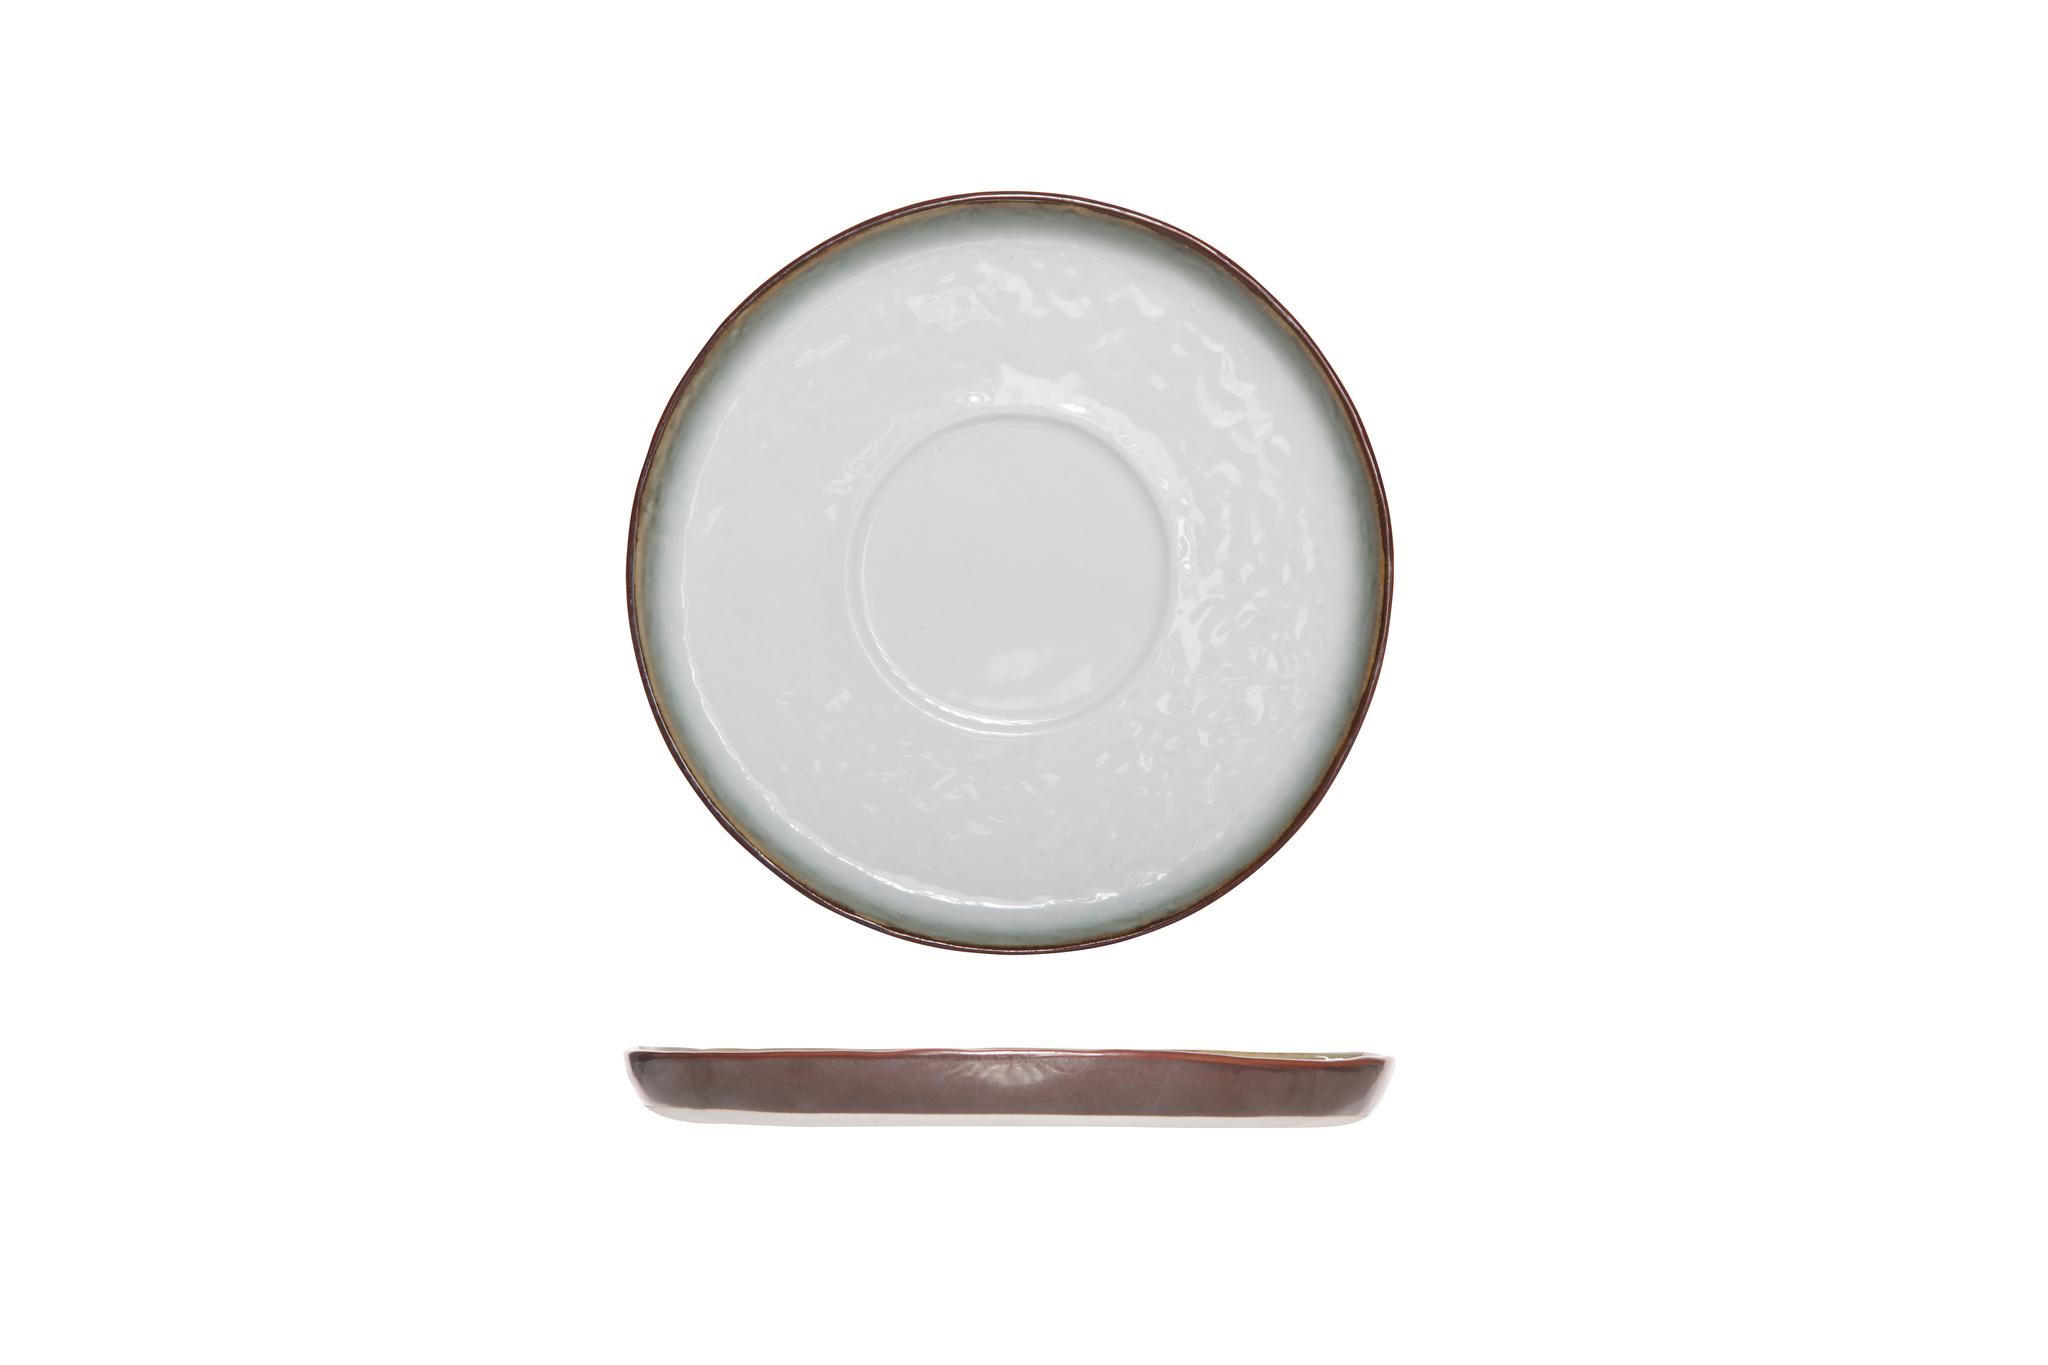 Блюдце 15 см COSY&amp;TRENDY Plato 9580554Тарелки<br>Блюдце 15 см COSY&amp;TRENDY Plato 9580554<br><br>COSY&amp;TRENDY новаторский бренд в области бытовых изделий. Бренд отражает как и инновации, так и современный дизайн. Коллекция PLATO выполнена из высококачественной керамики. Коллекция включает в себя тарелки, миски, чашки и кружки. Дизайн навеян восточной культурой. Коллекция имеет органическую текстуру и светло-темный контраст.<br>